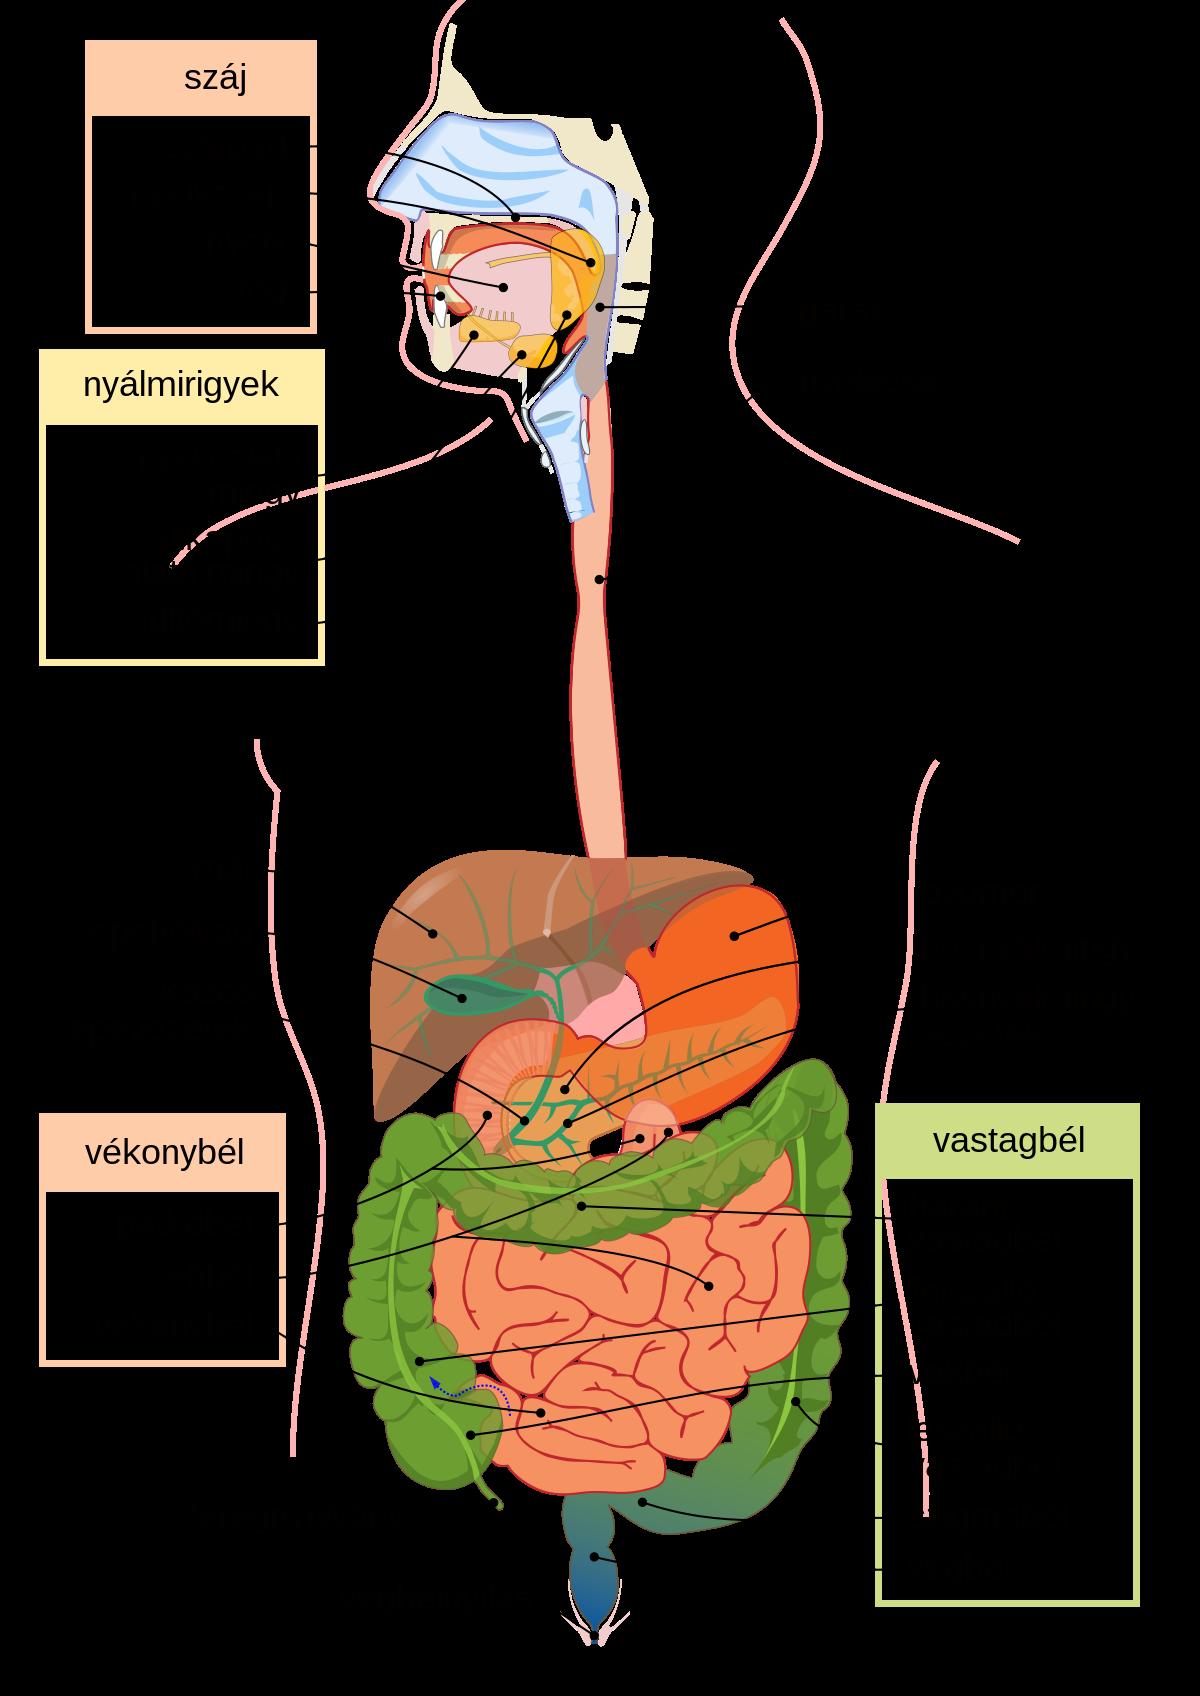 milyen tabletták a gyomorban élő paraziták számára